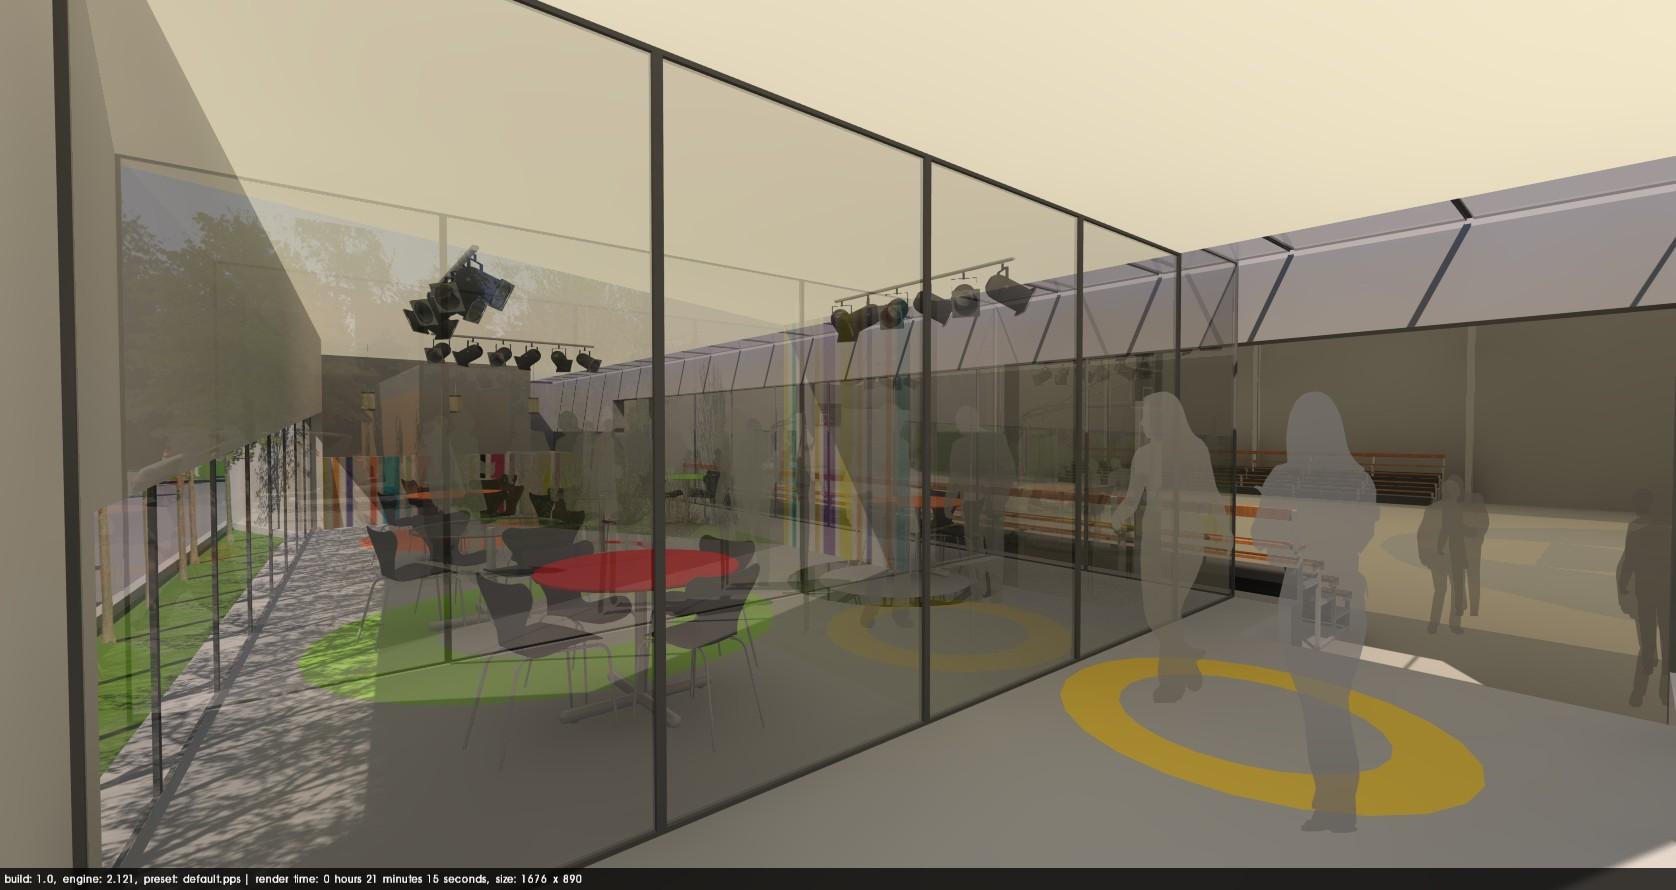 3D Tilf 03 2011-06-10 20390200000